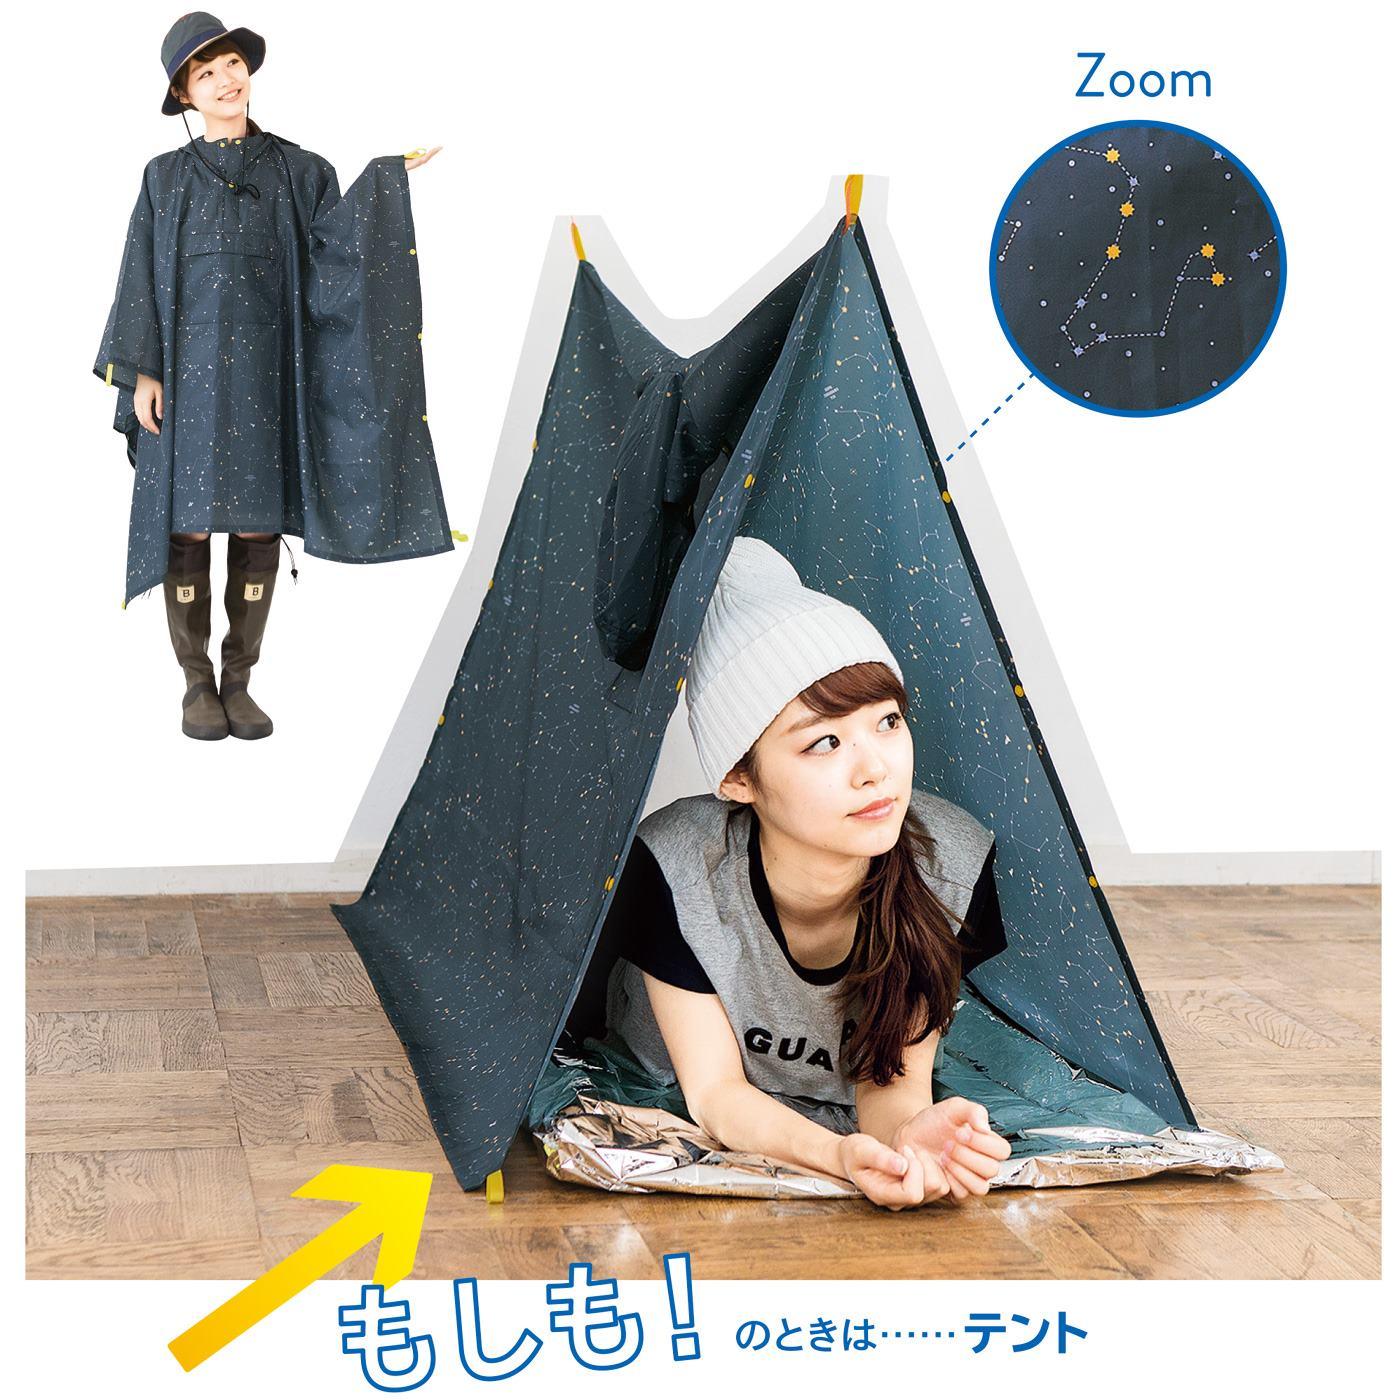 雨の日にうれしい撥水(はっすい)加工のポンチョ。スクエア型なのでレジャーシートに。付属のロープを使えば、簡易テントやタープとしても使えます。星座をイメージしたデザインです。